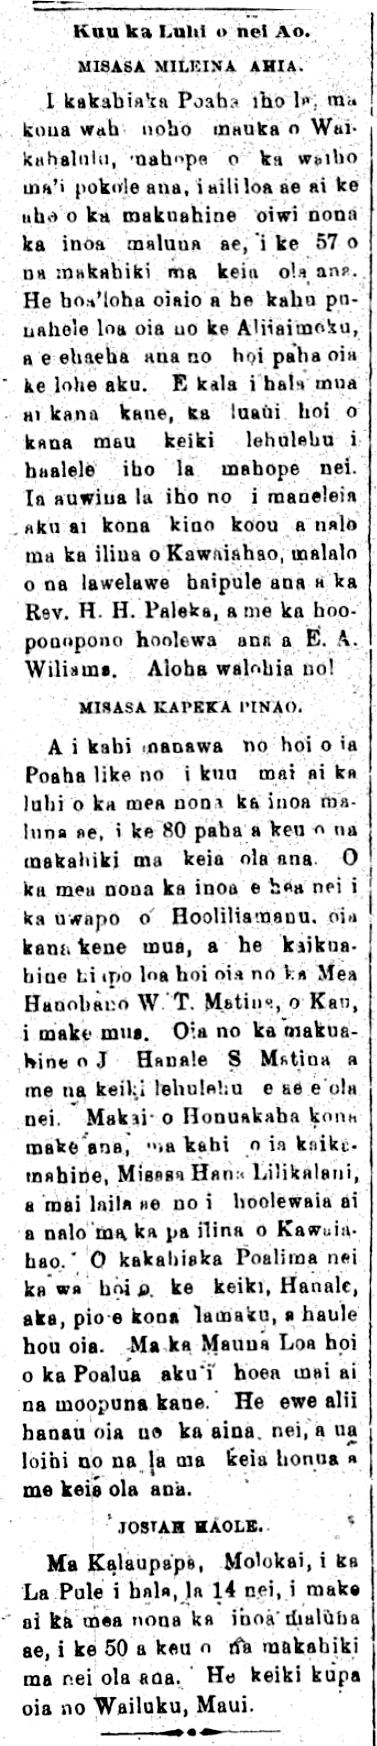 Makaainana_2_22_1897_8